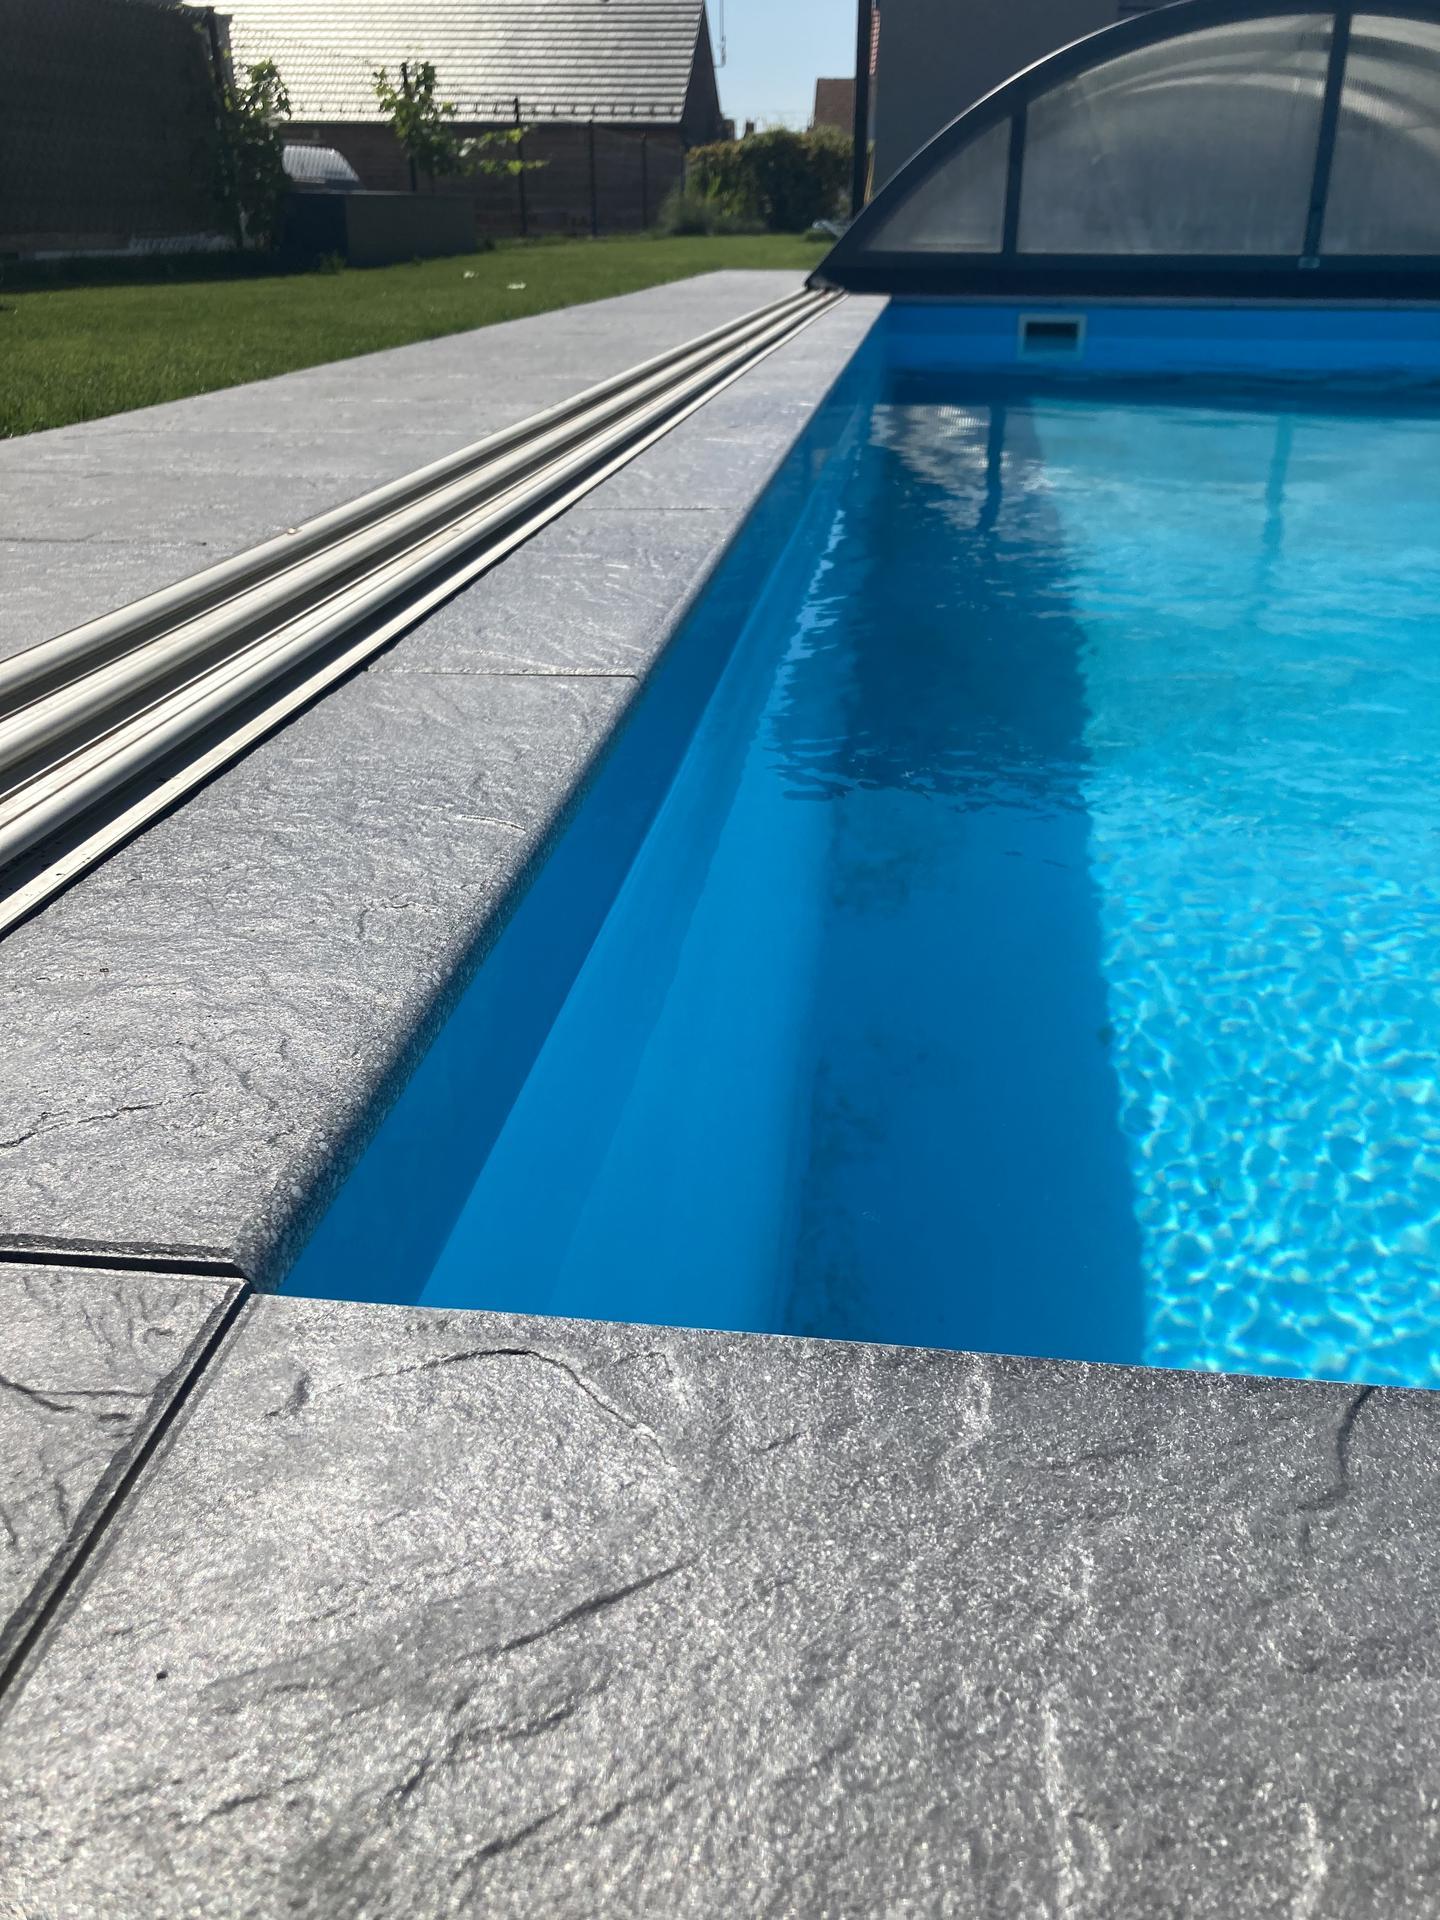 Tak nás bazen dostal novy šmrnc, konečně máme dlažbu 👏jsme moc spoko a na podzim ji protehneme až pod pergolu 😉 - Obrázek č. 3